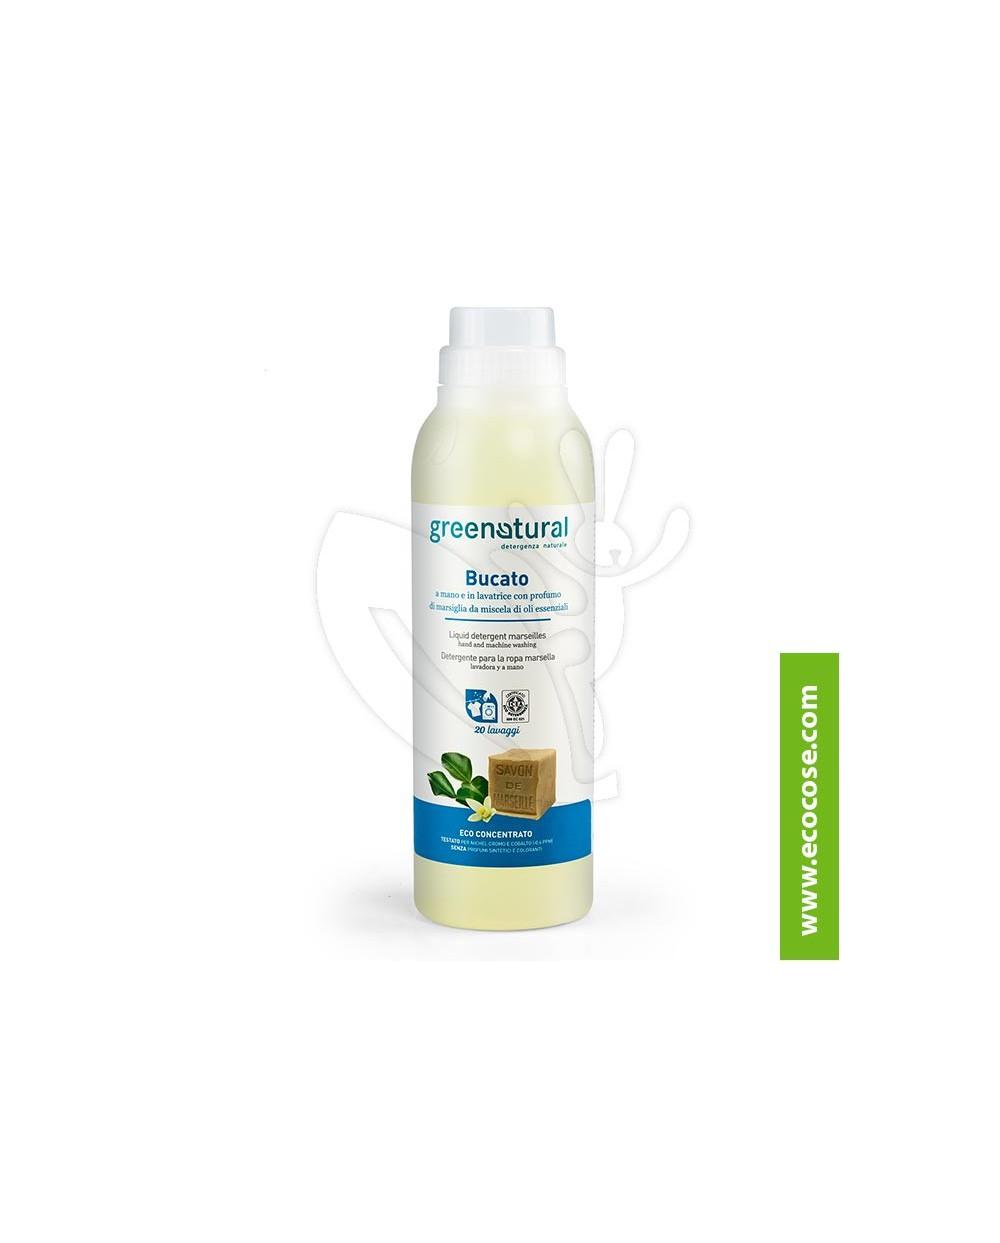 Greenatural - Bucato a mano e lavatrice MARSIGLIA